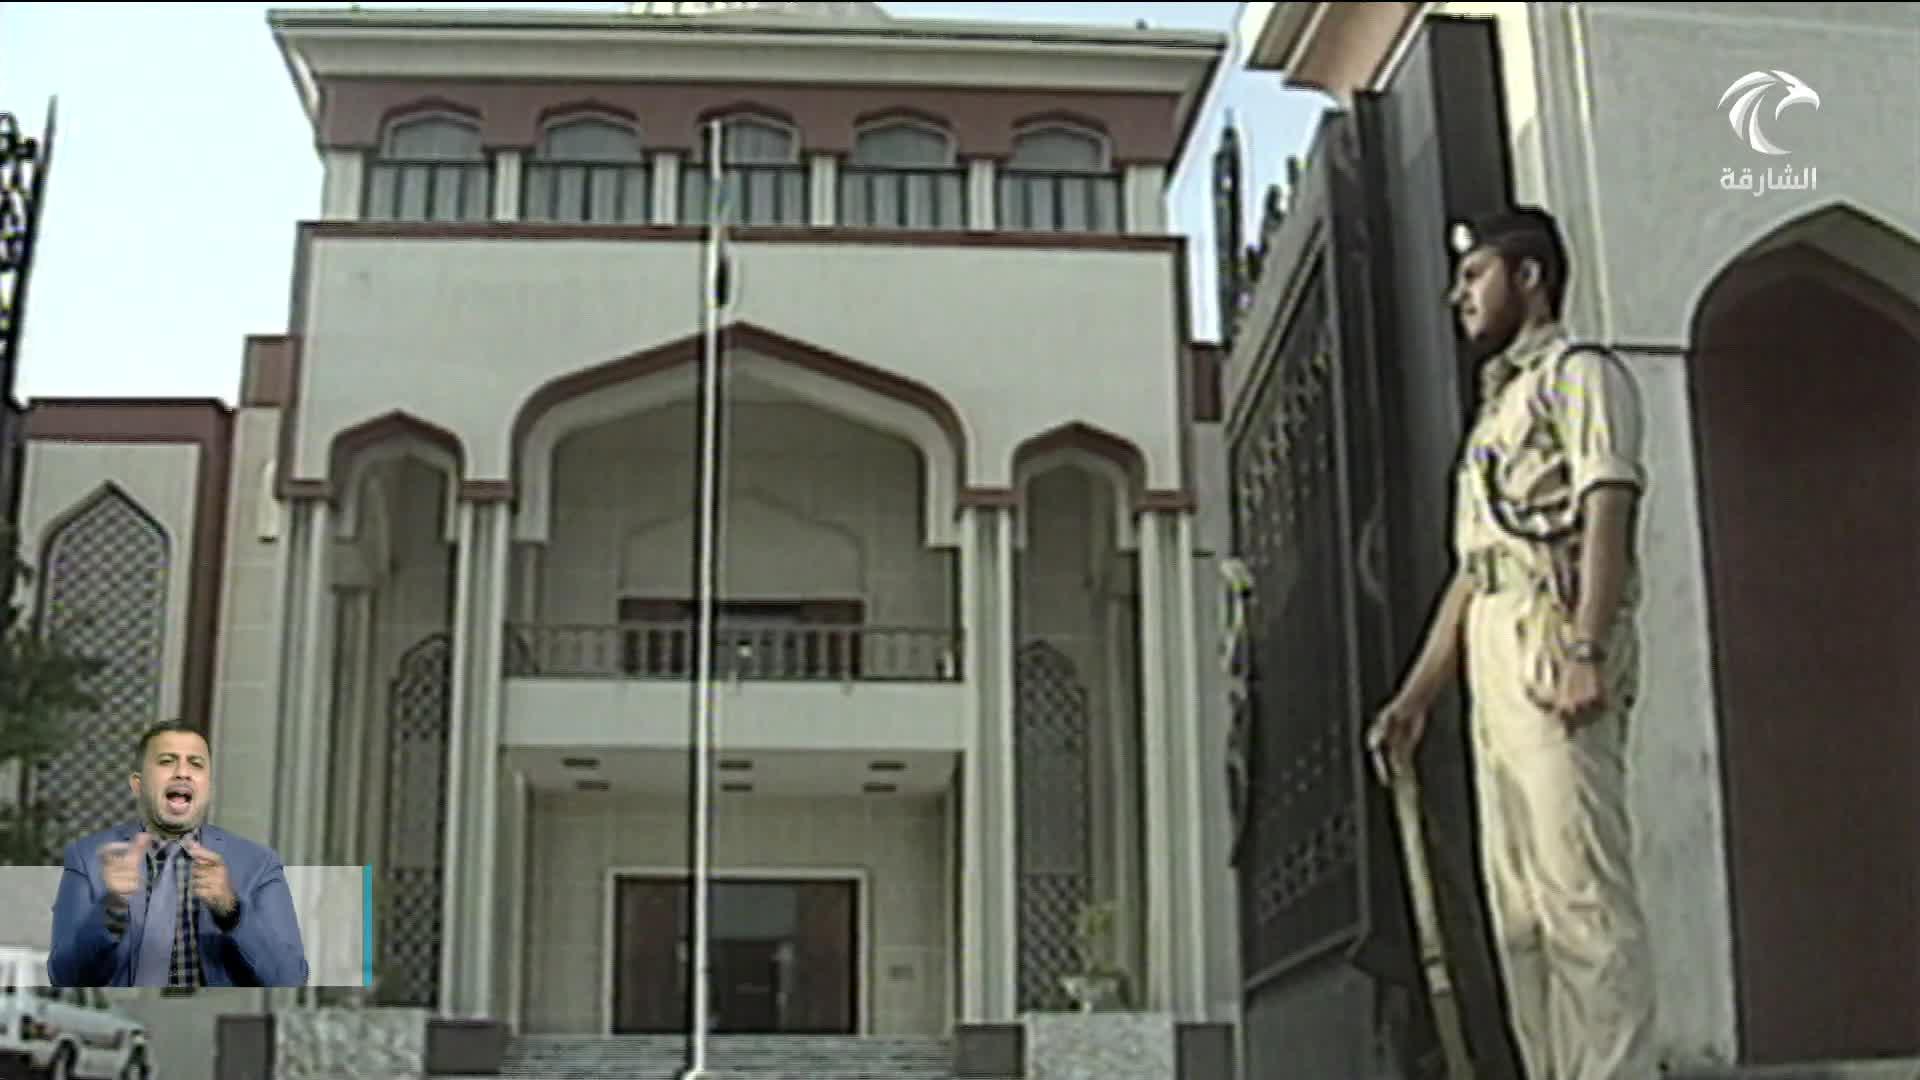 شرطة الشارقة تباشر توزيع سندات الصرف لمتقاعديها من الكادر الاتحادي